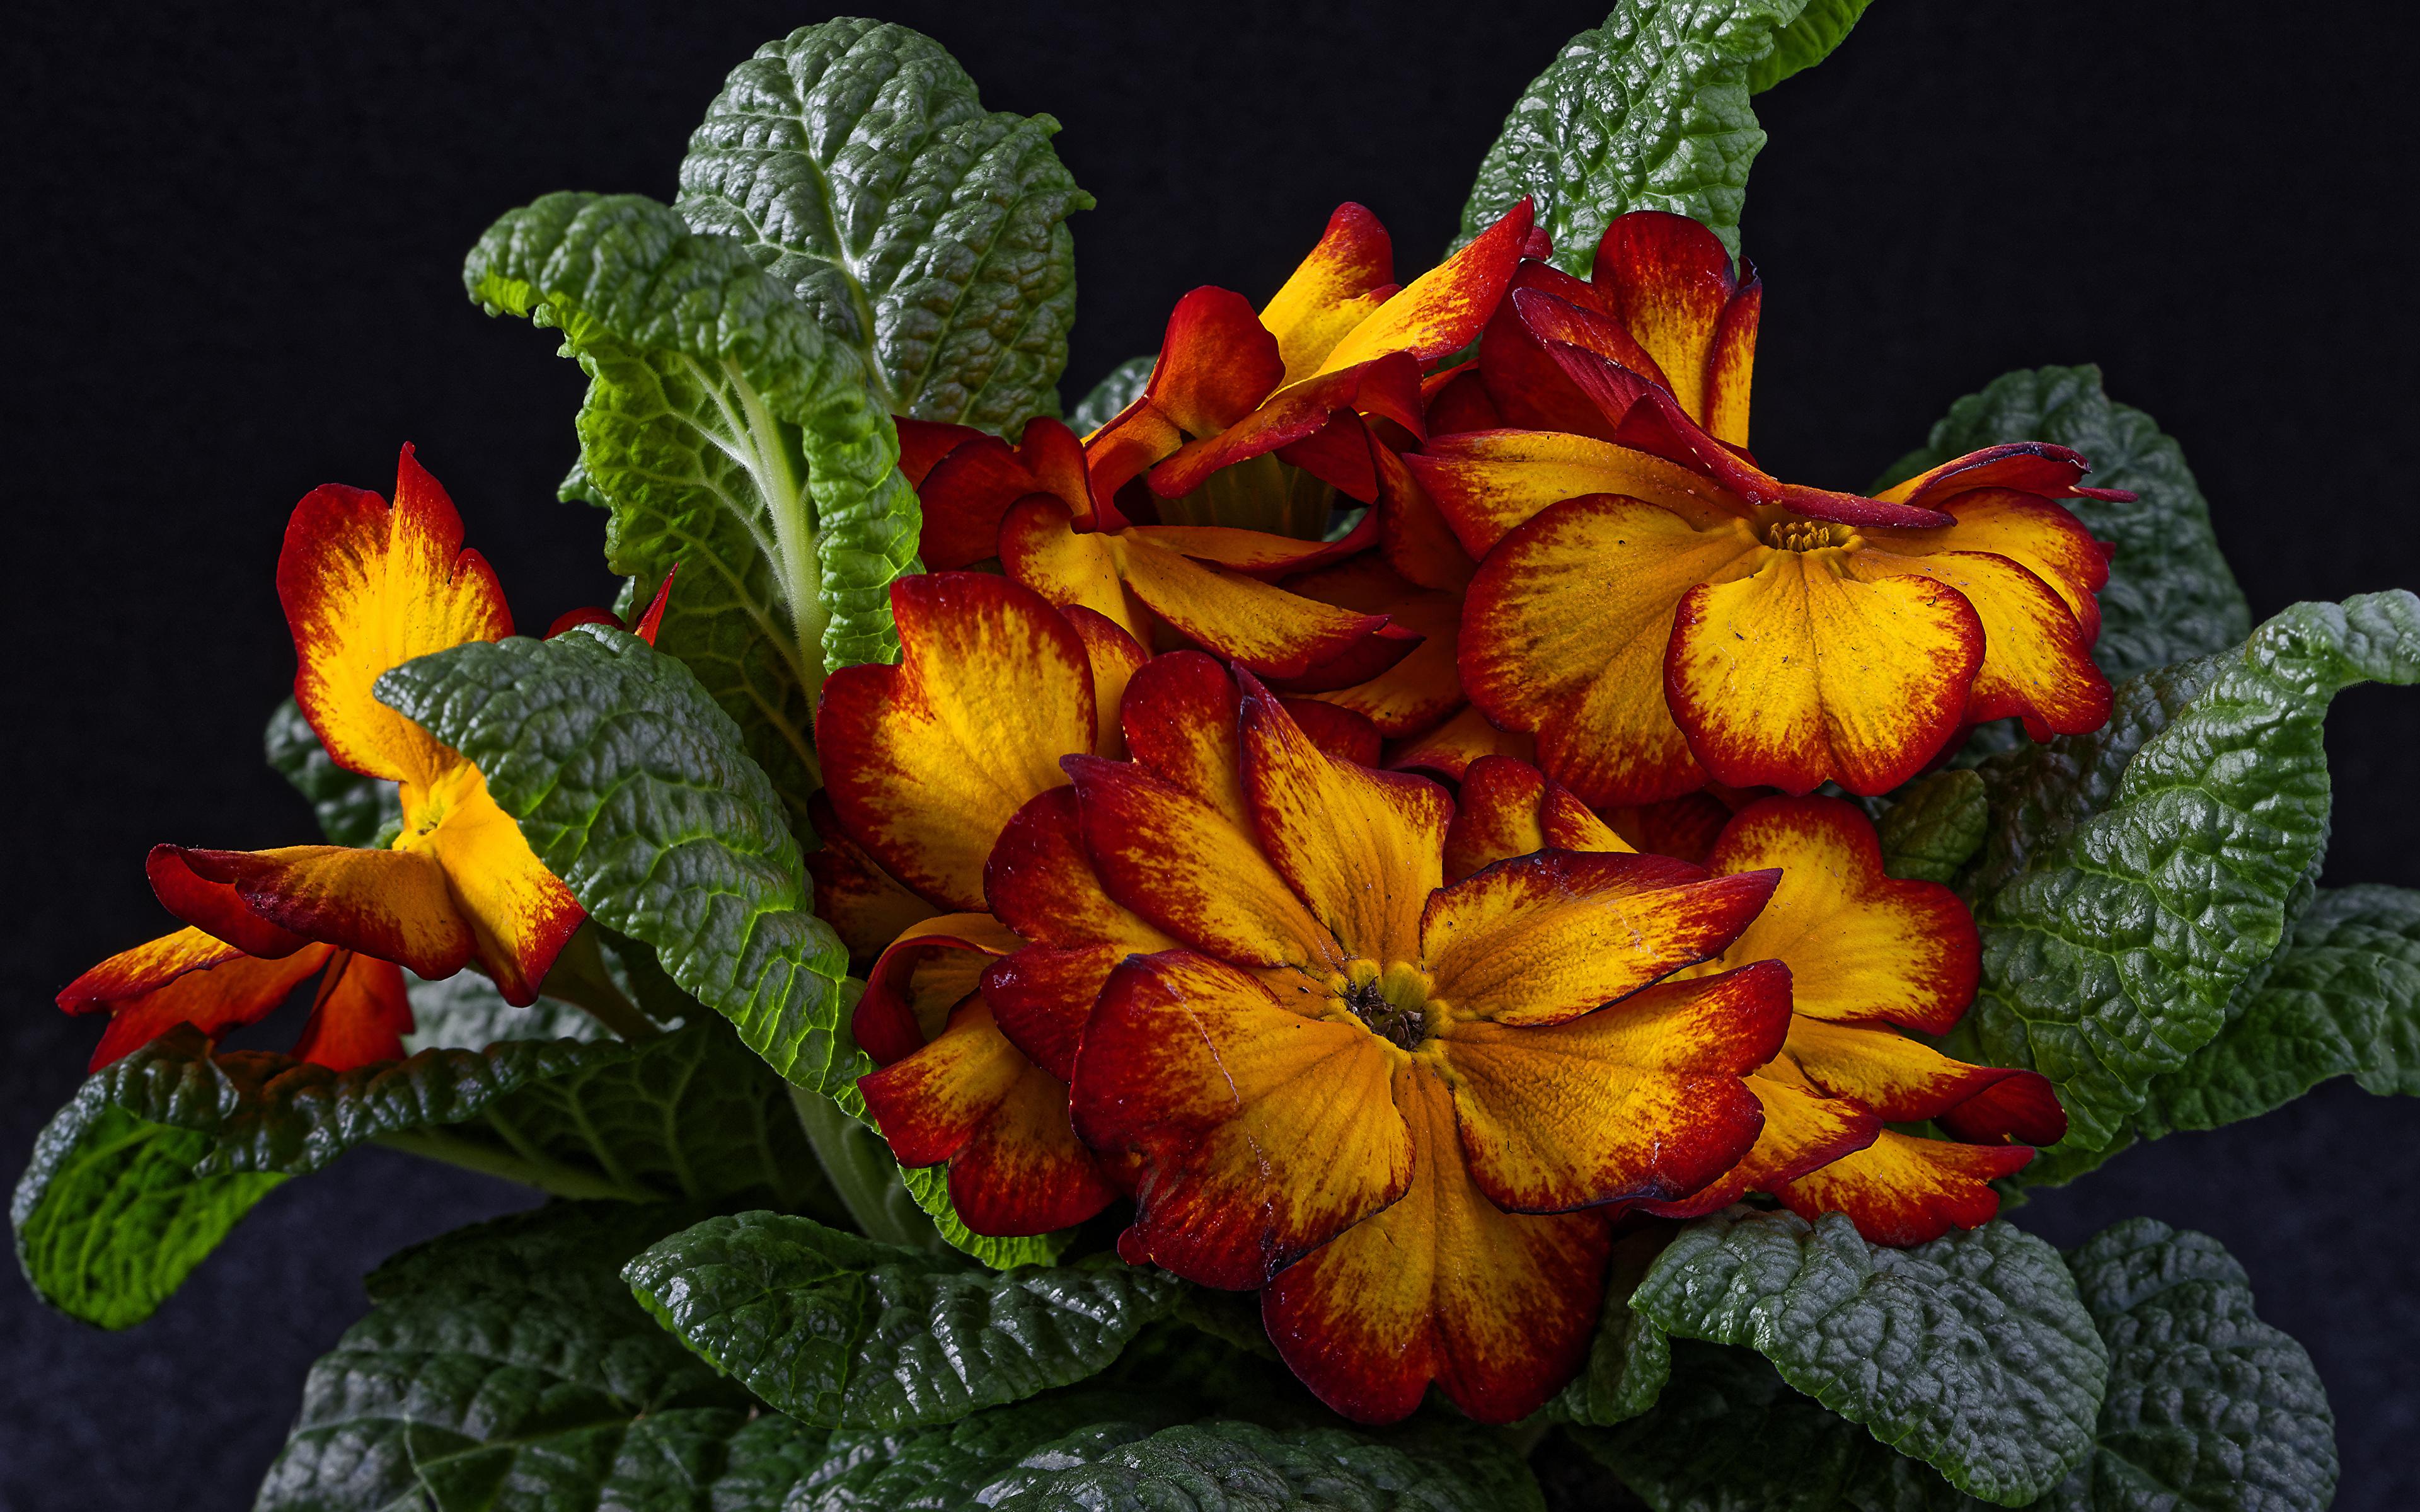 Фотография лист Цветы Примула вблизи Черный фон 3840x2400 Листья Листва цветок Первоцвет на черном фоне Крупным планом